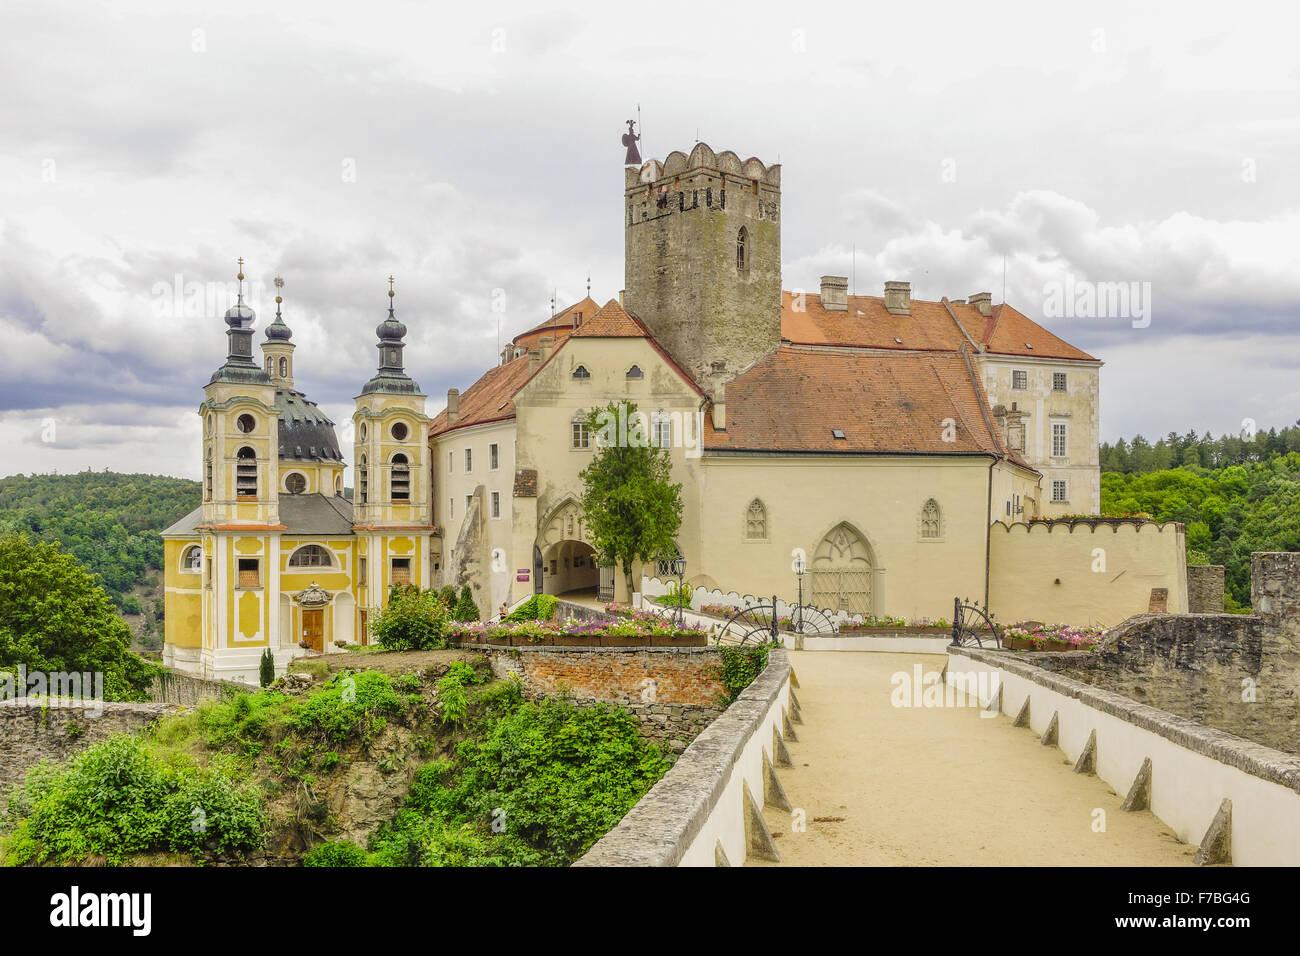 Castle Vranov, Okres Znojmo, Southern Moravia, Czech Republic, Vranov - Stock Image